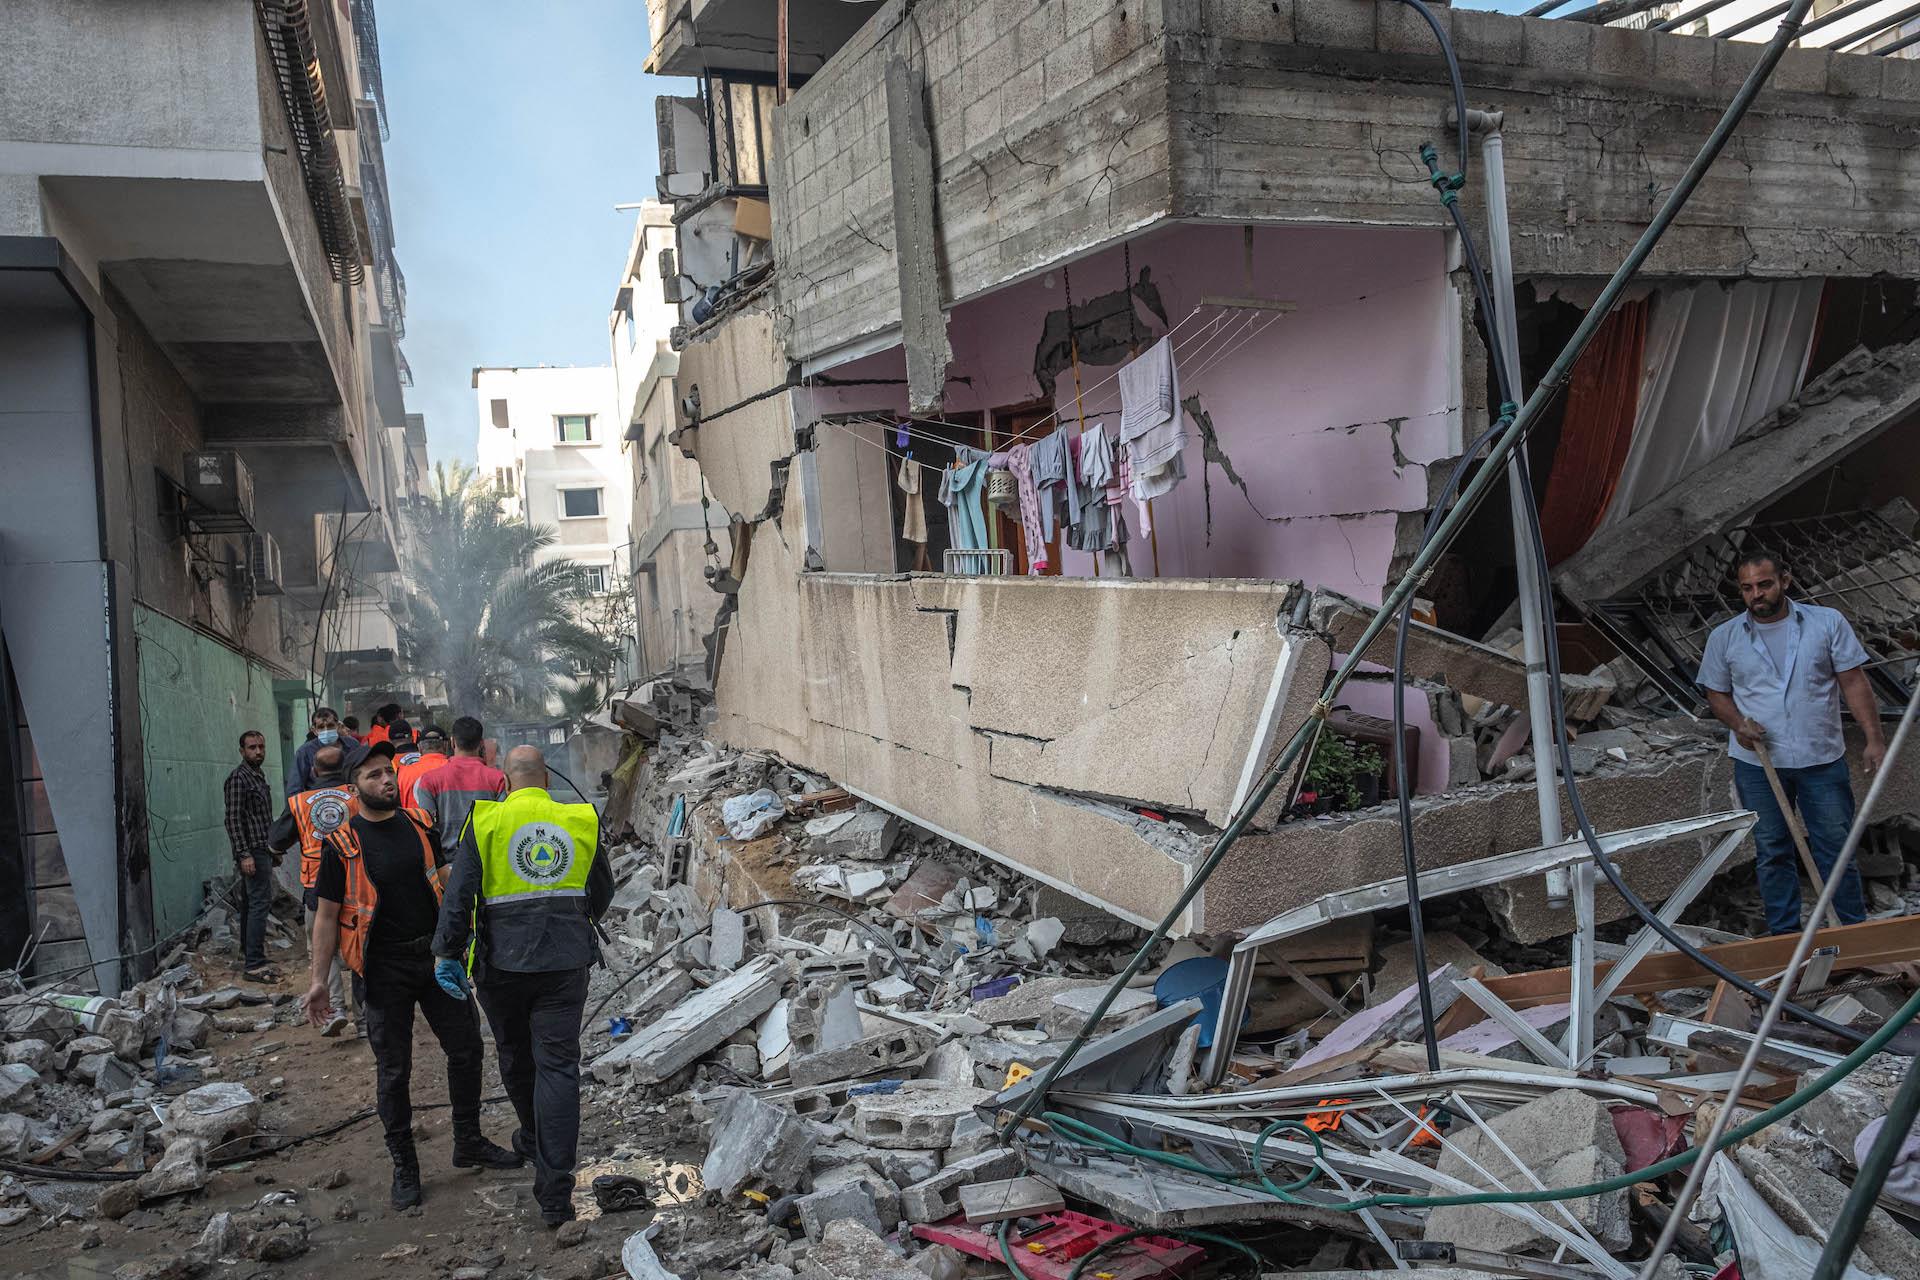 Soccorritori al lavoro nella Striscia di Gaza